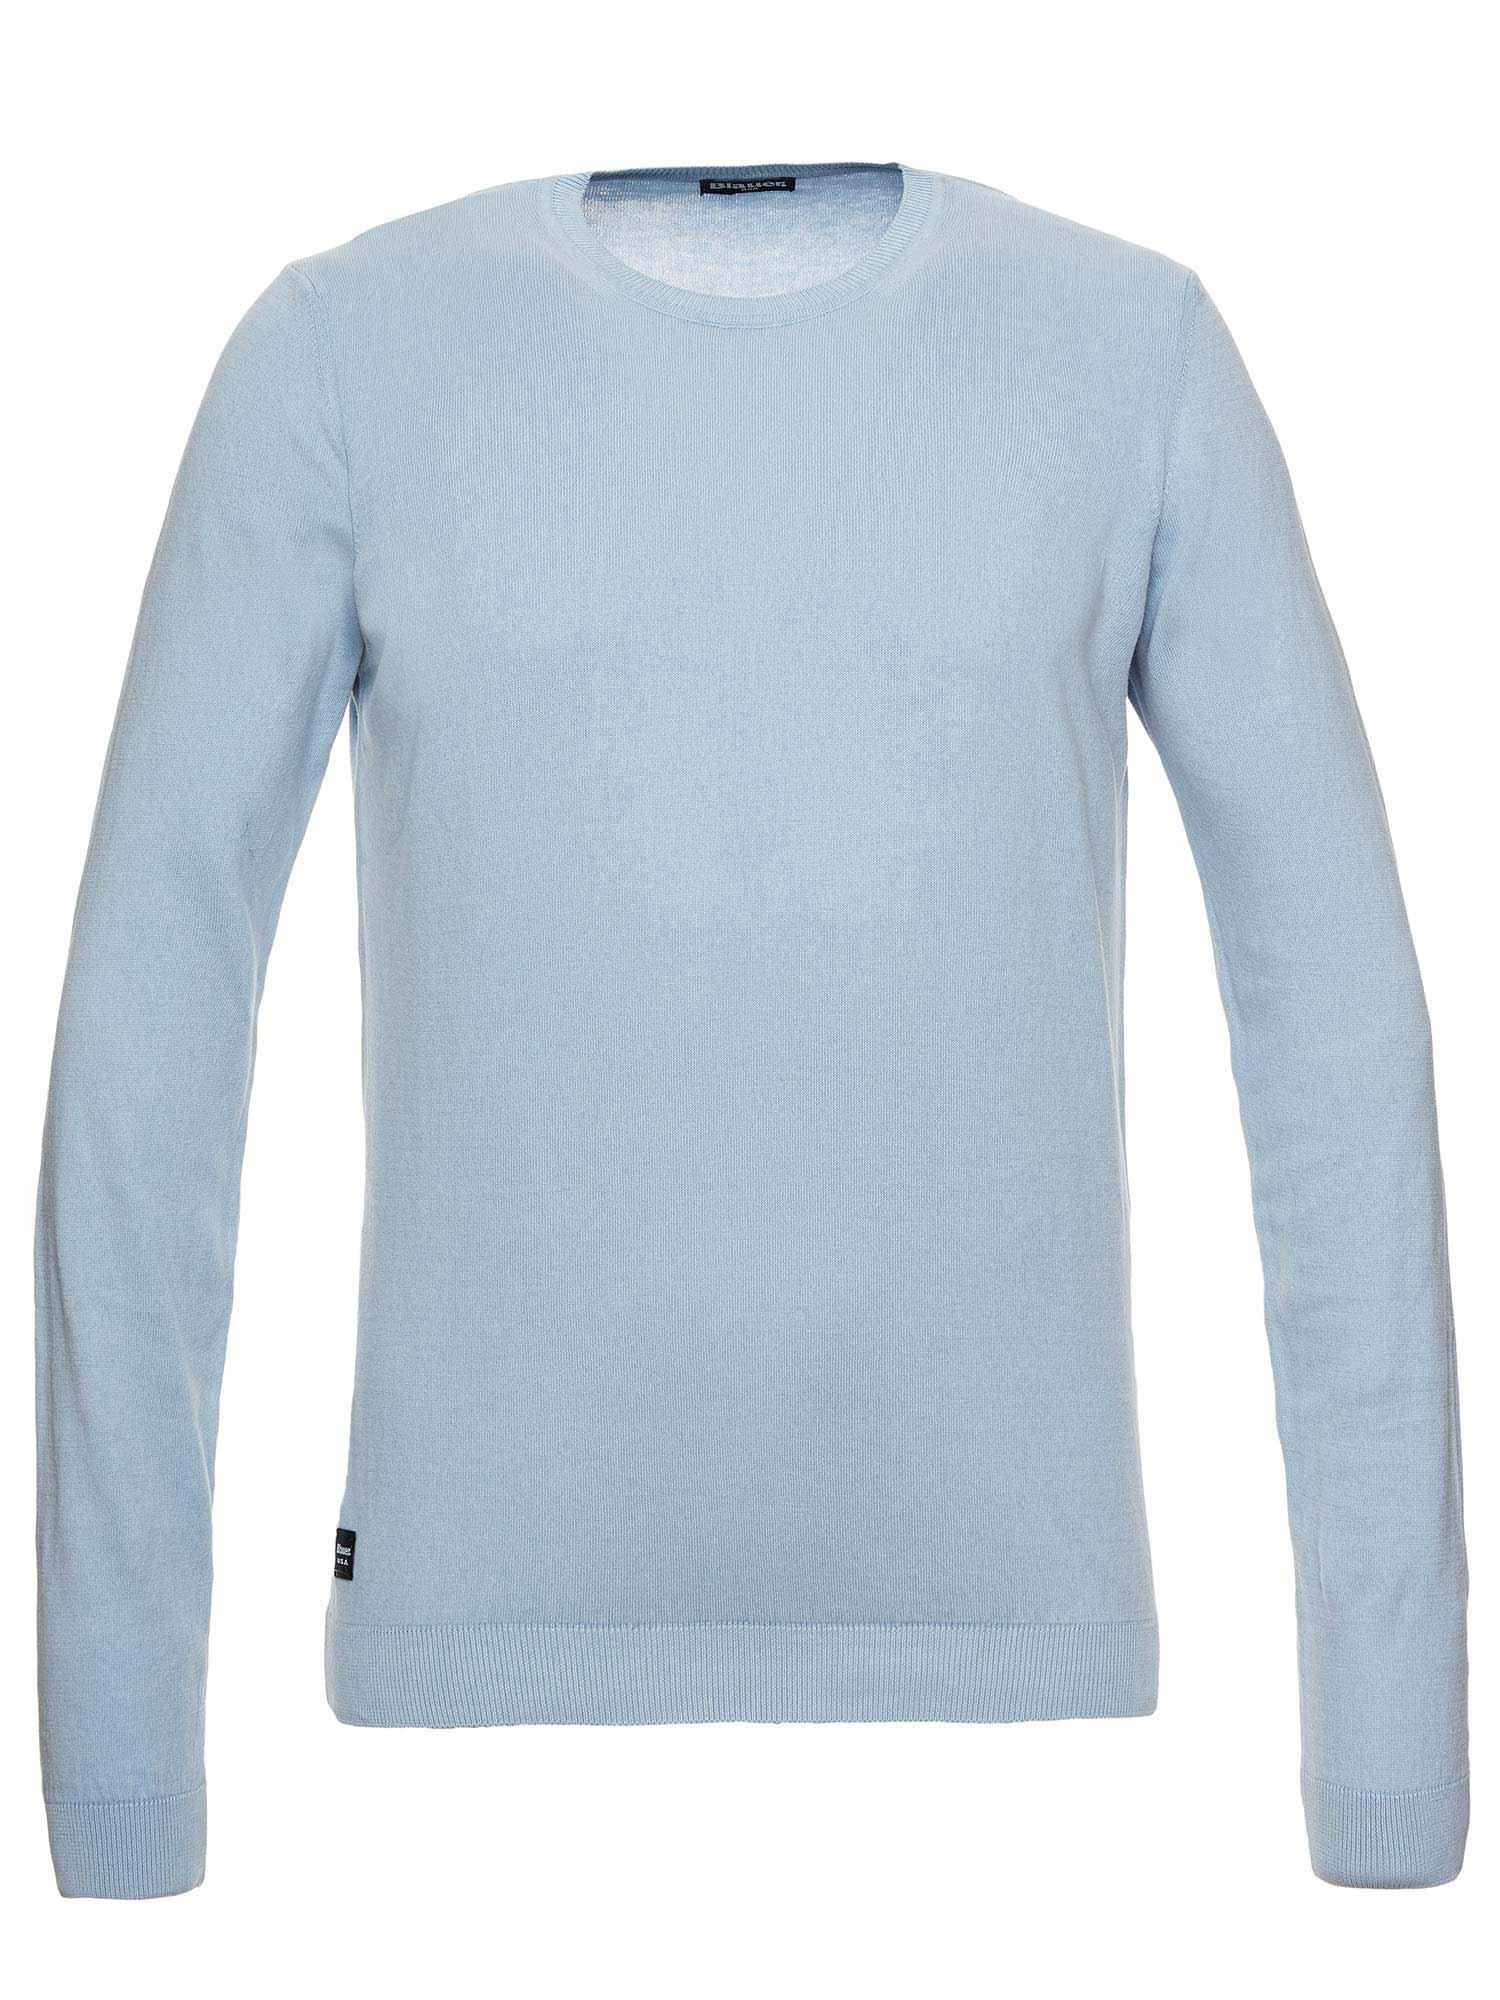 COTTON CREW NECK SWEATER - Blauer